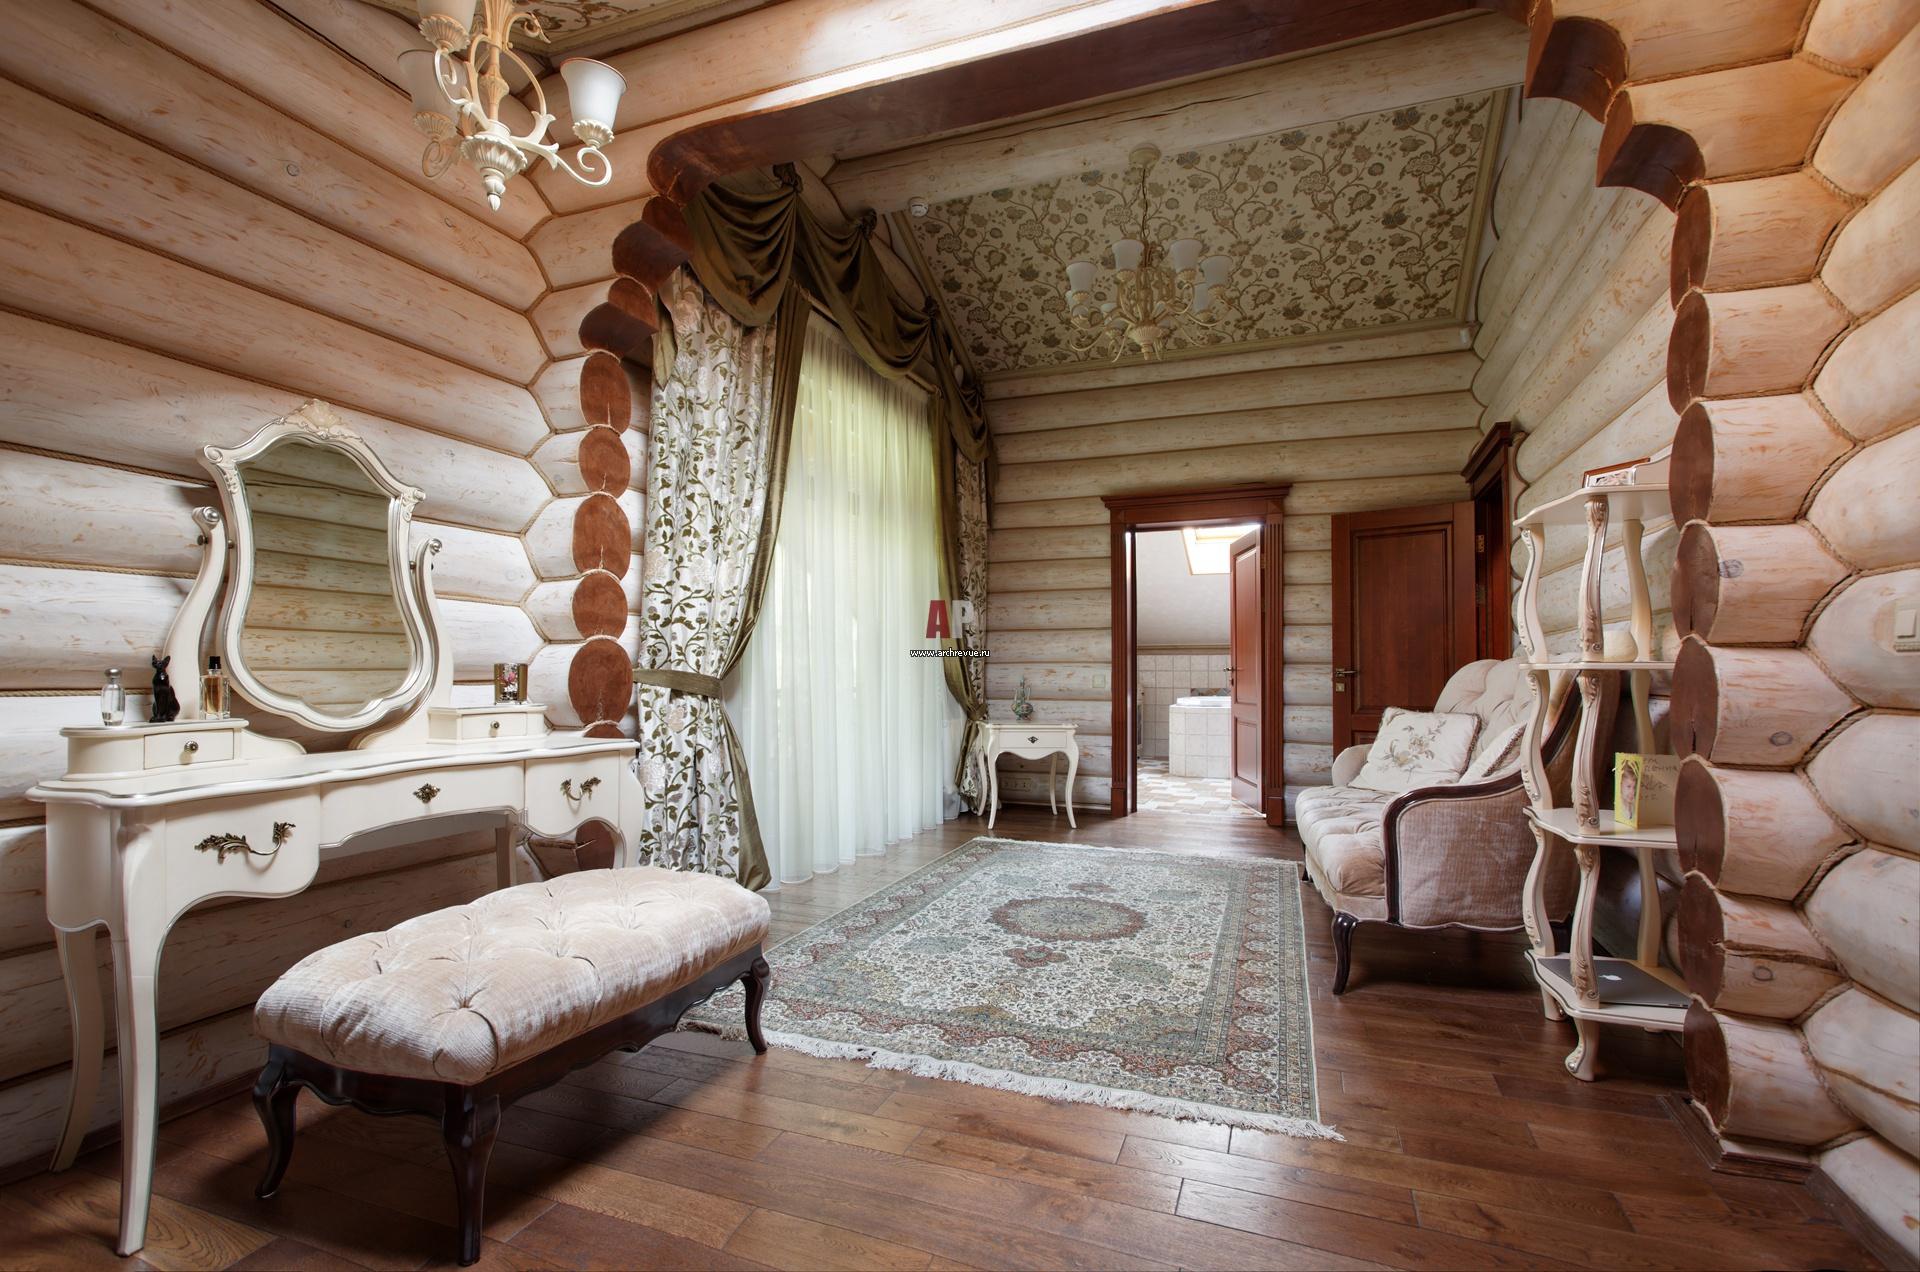 Дизайн интерьера в доме из оцилиндрованного бревна фото